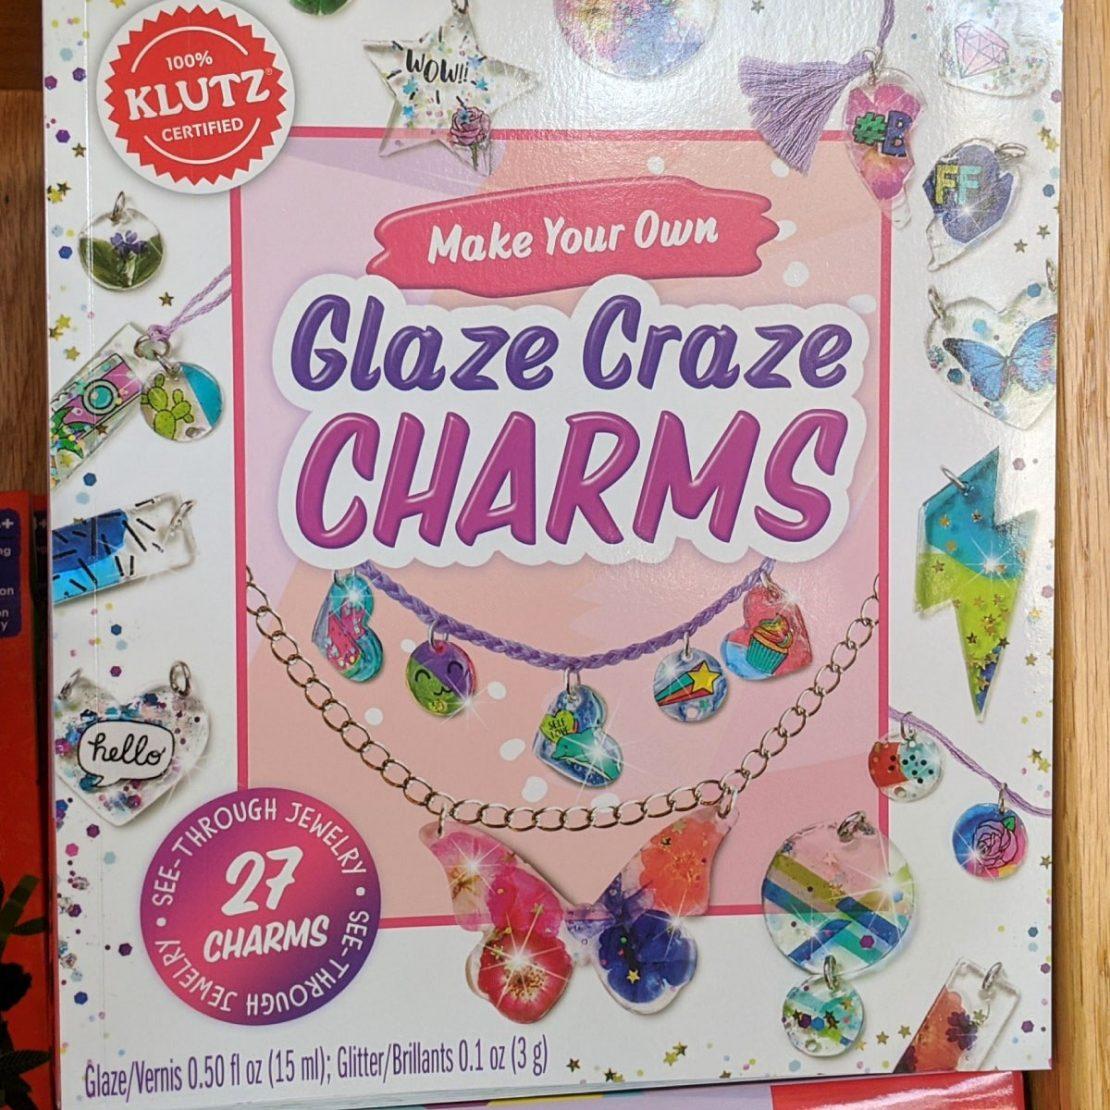 Glaze Craze Charms from Klutz